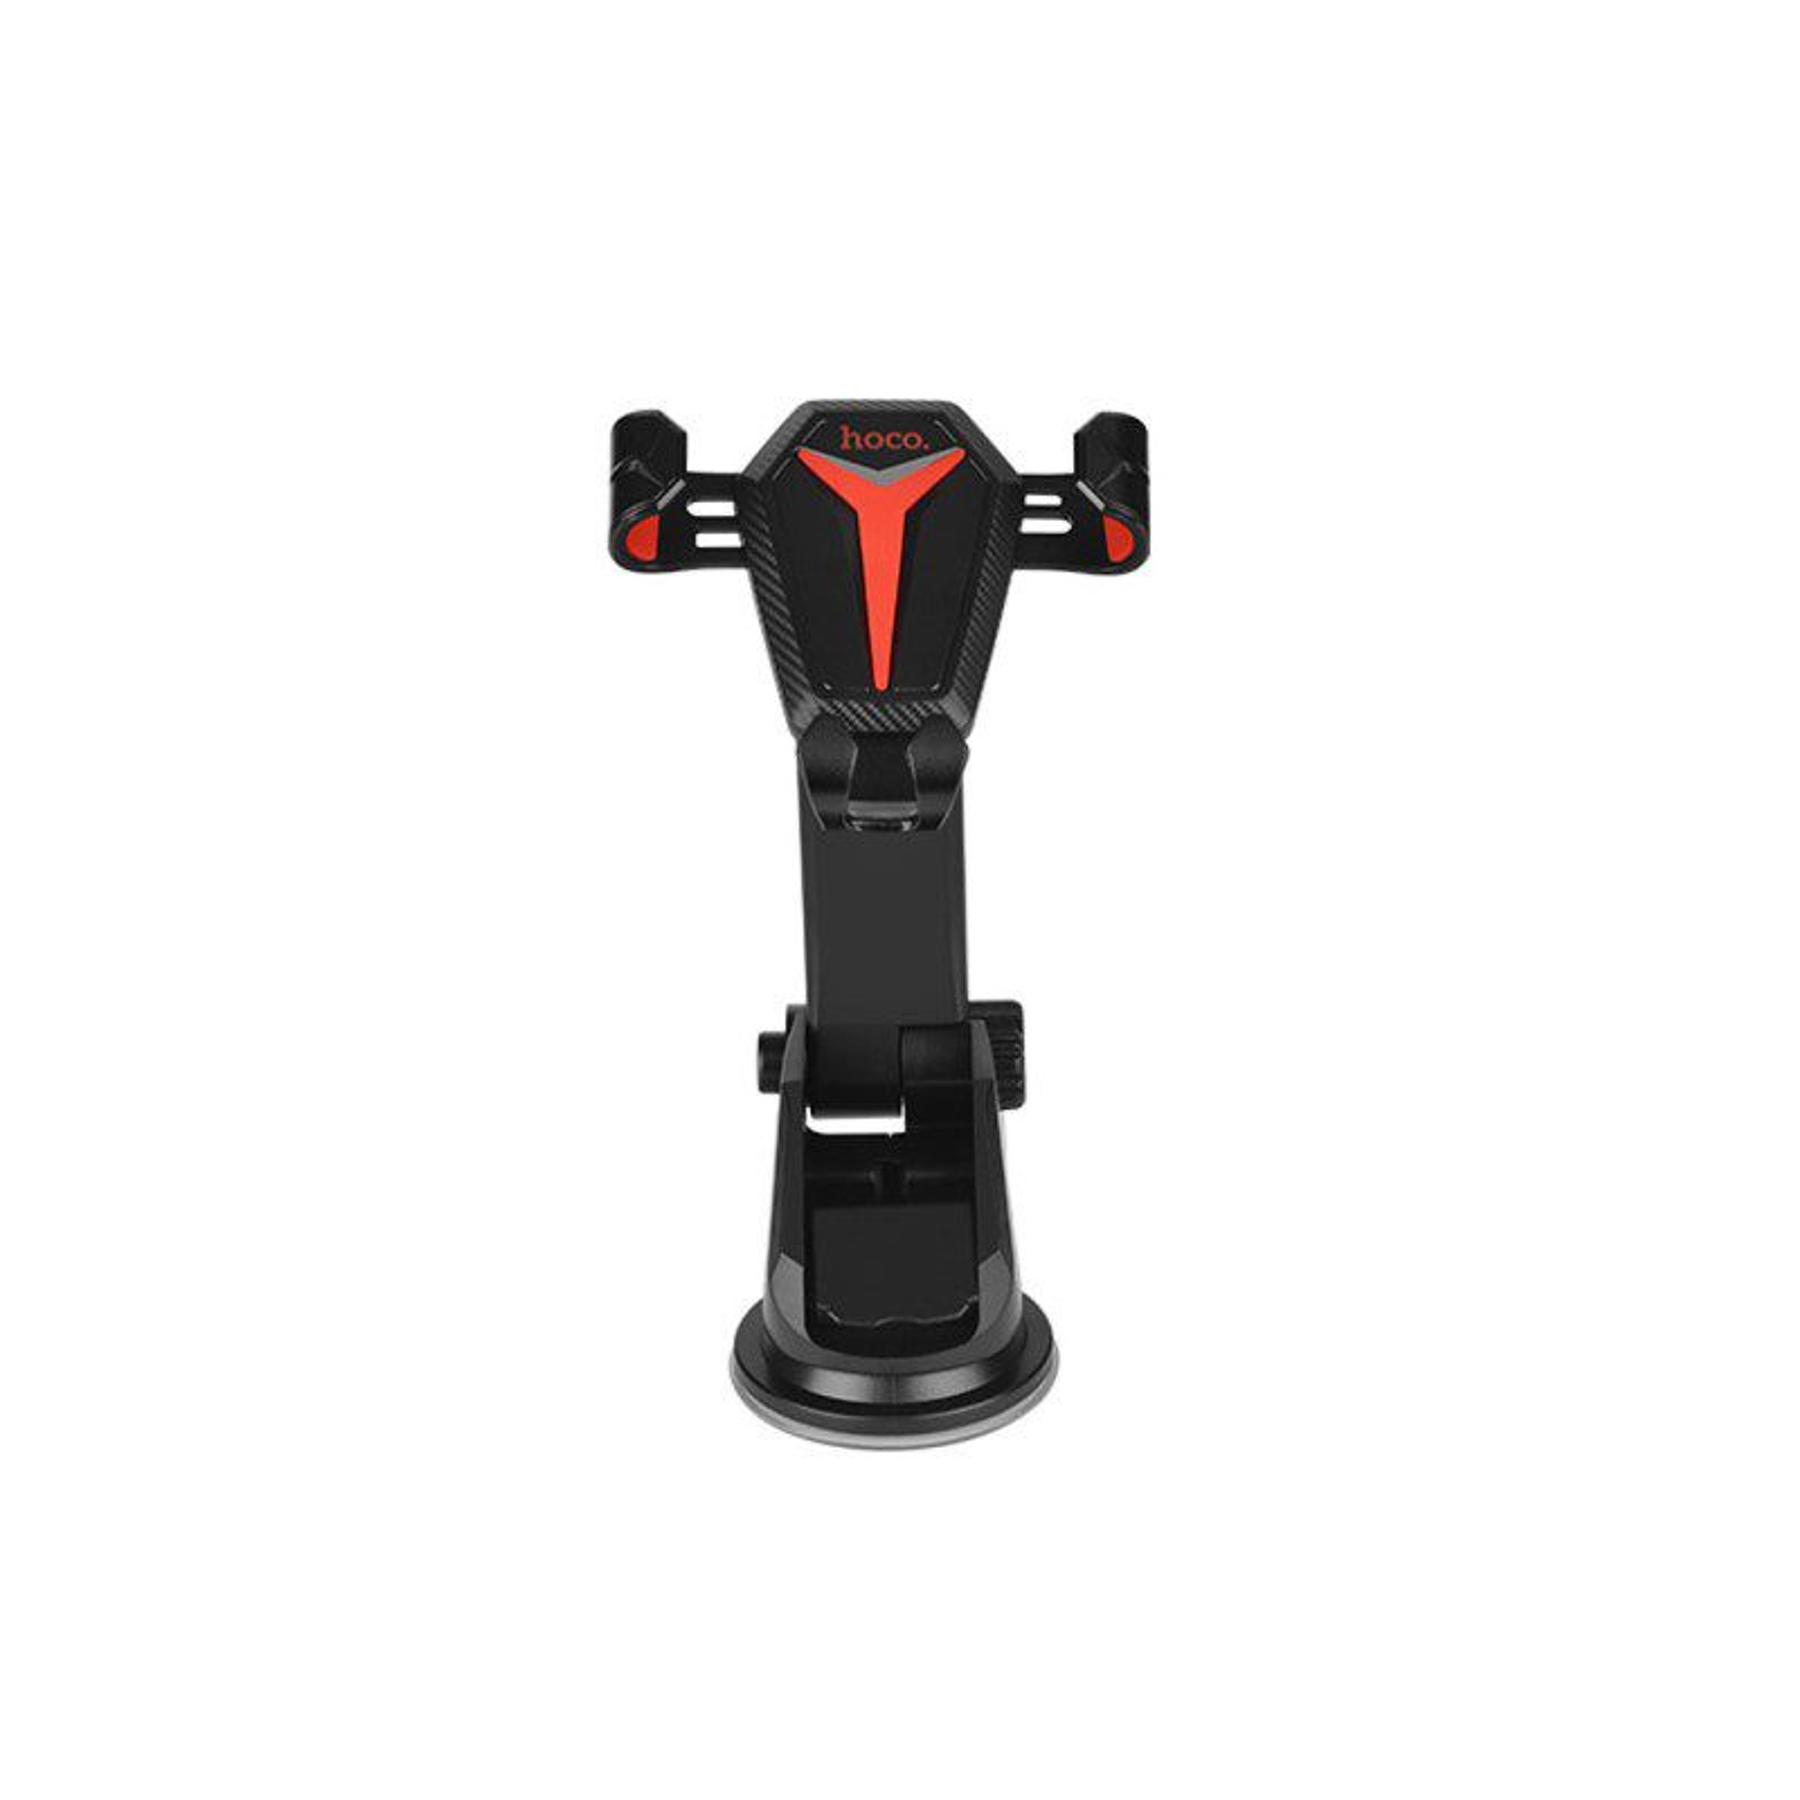 Soporte de Celular para Automóvil con Ventosa - Hoco